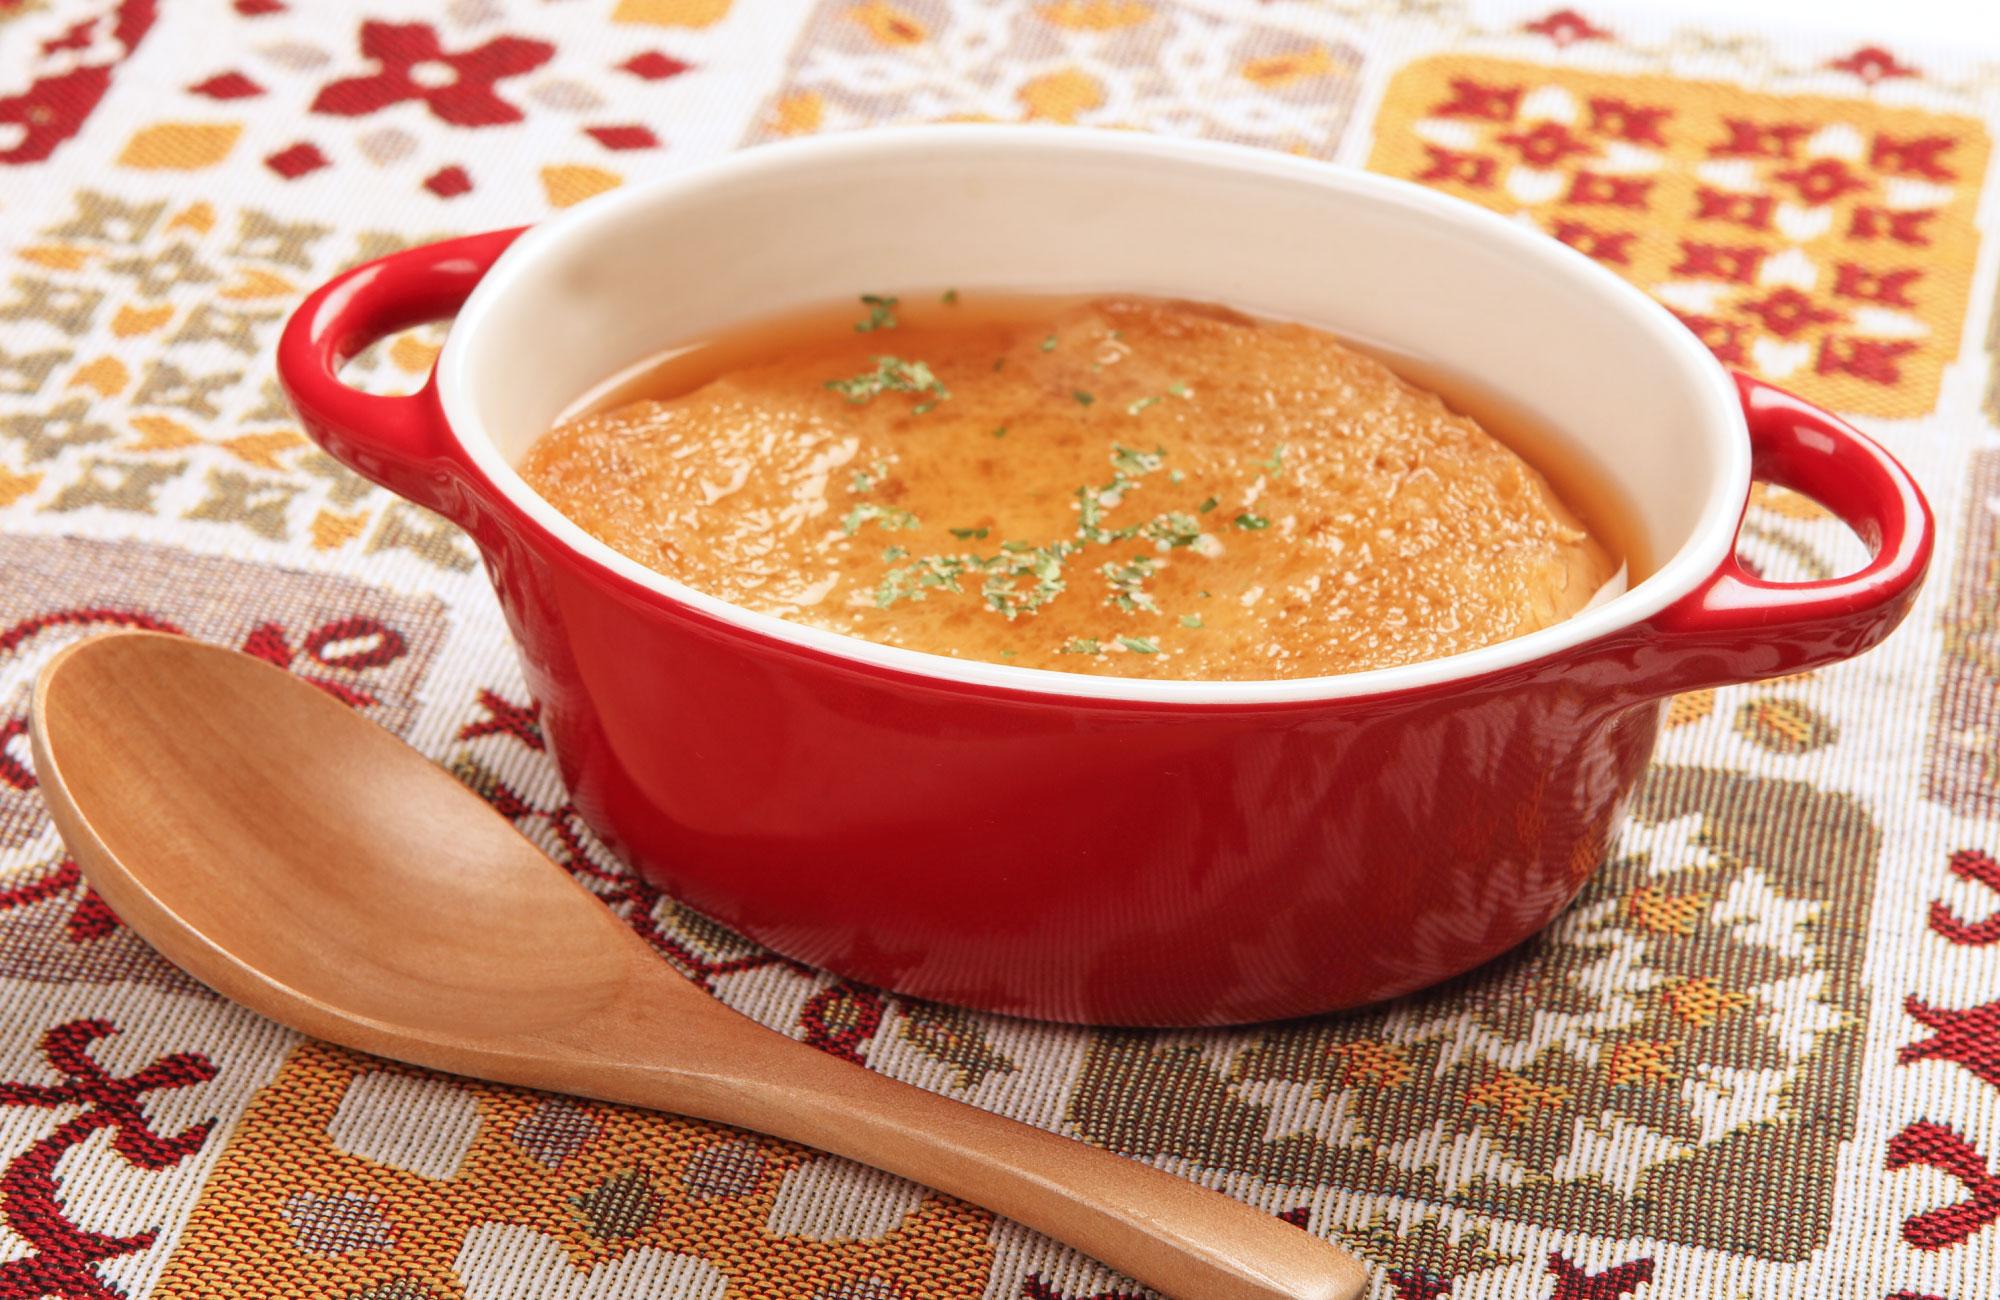 北海道北見たまねぎがたっぷりの濃厚スープ